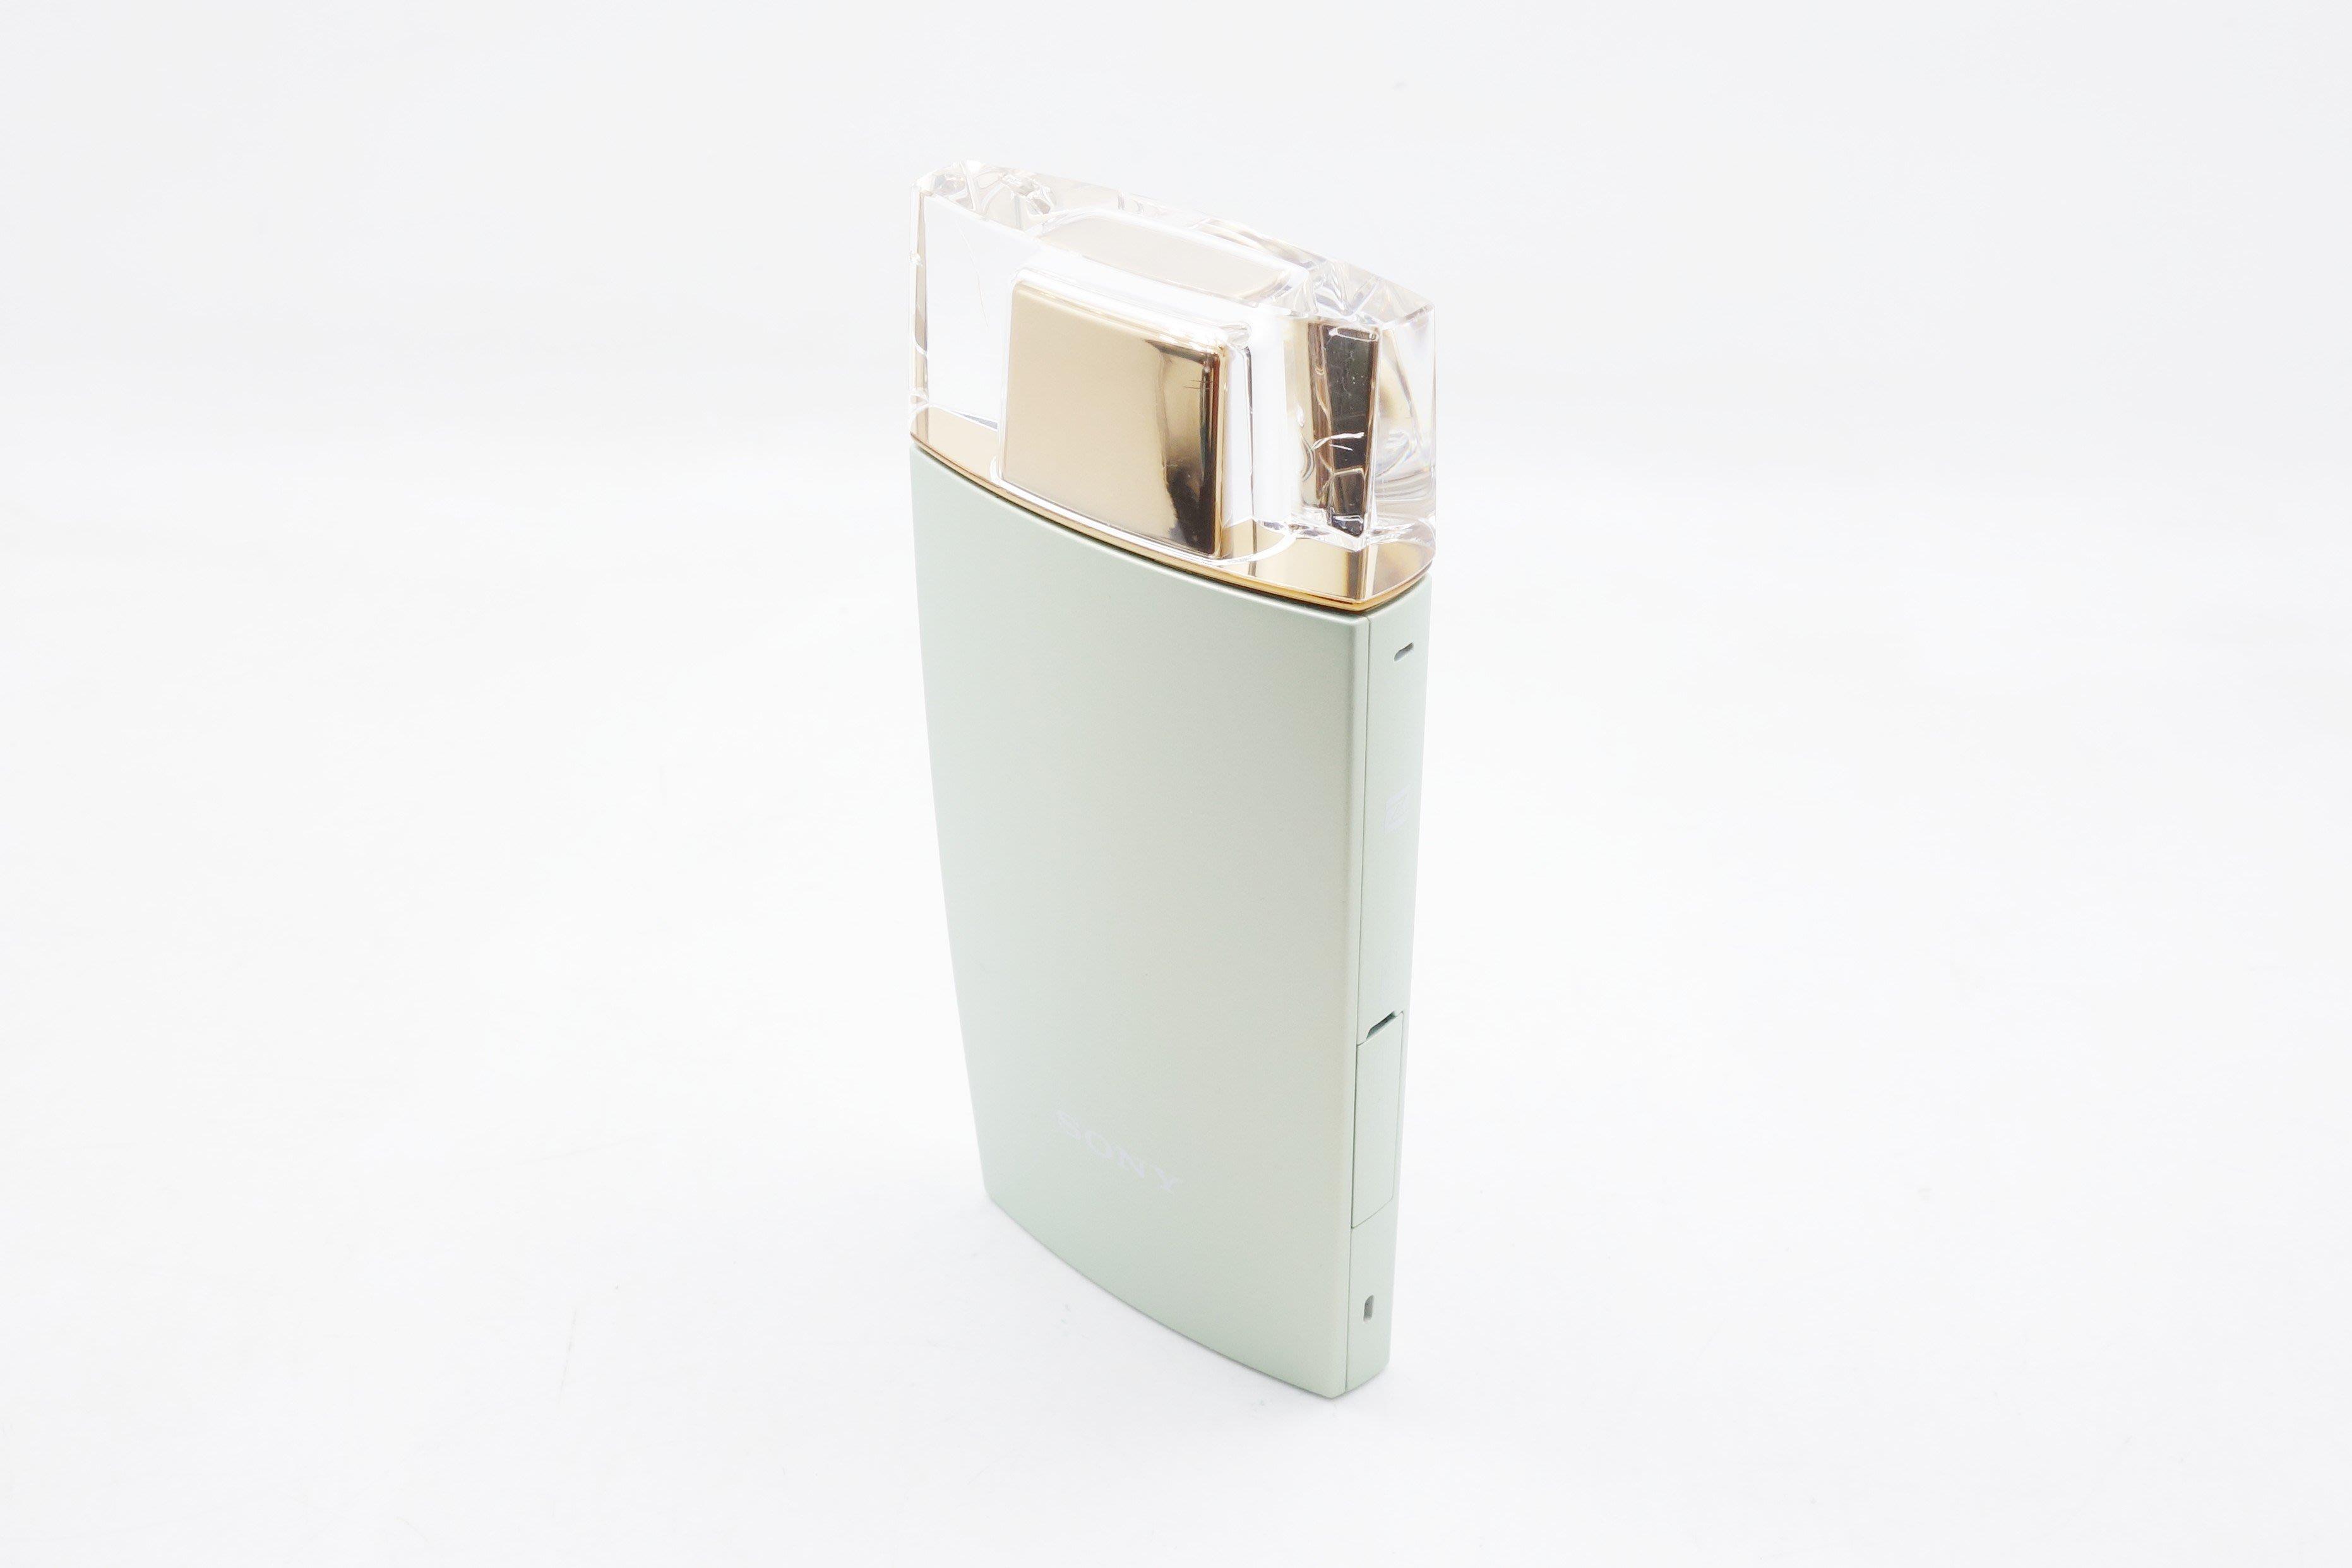 【台中青蘋果】Sony Cyber-shot DSC-KW11 白 香水機 二手 數位相機 #48246